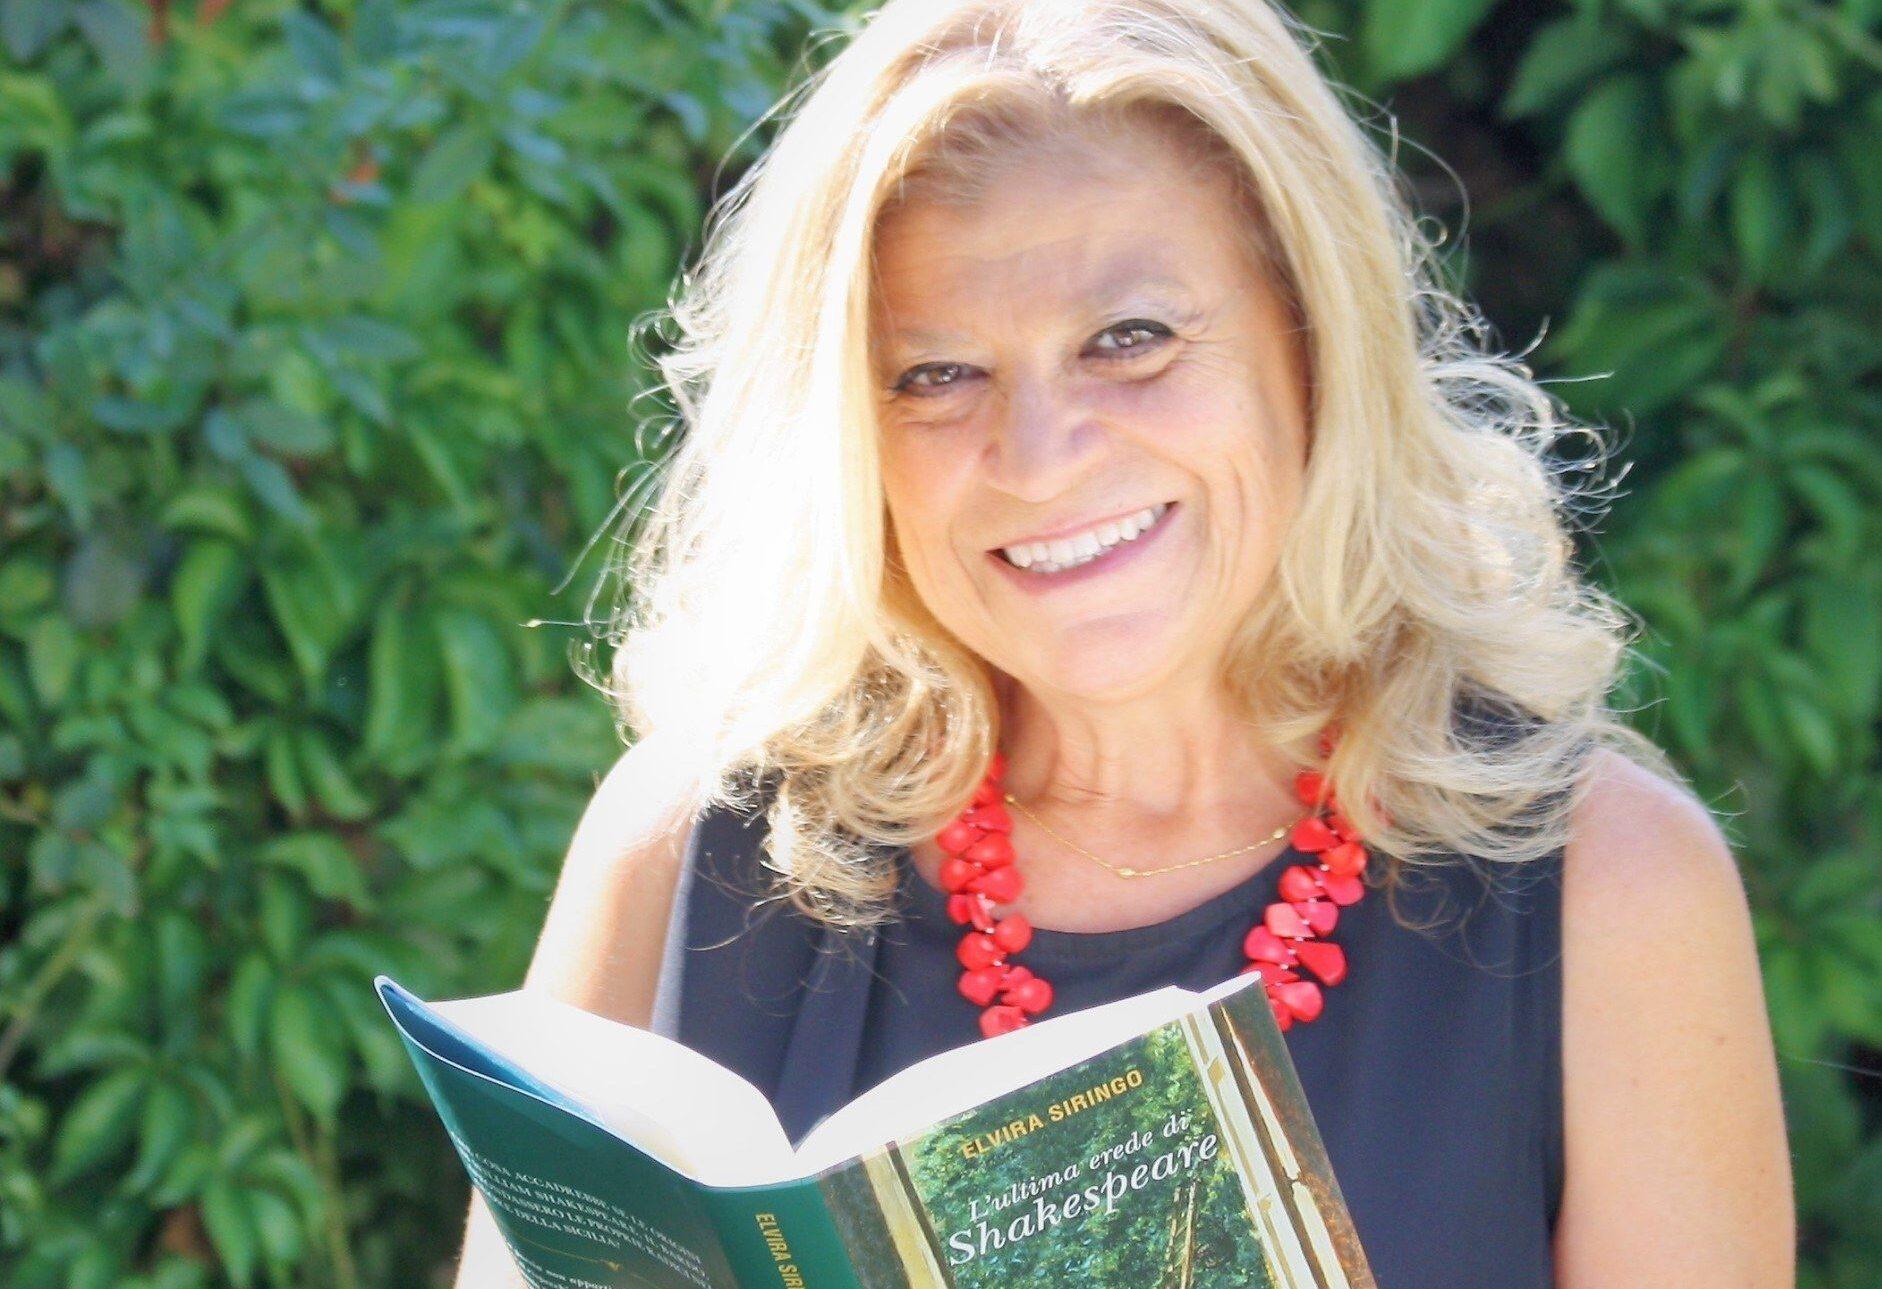 Elvira Siringo, storia, finzione e mistero alla ricerca del Bardo siciliano